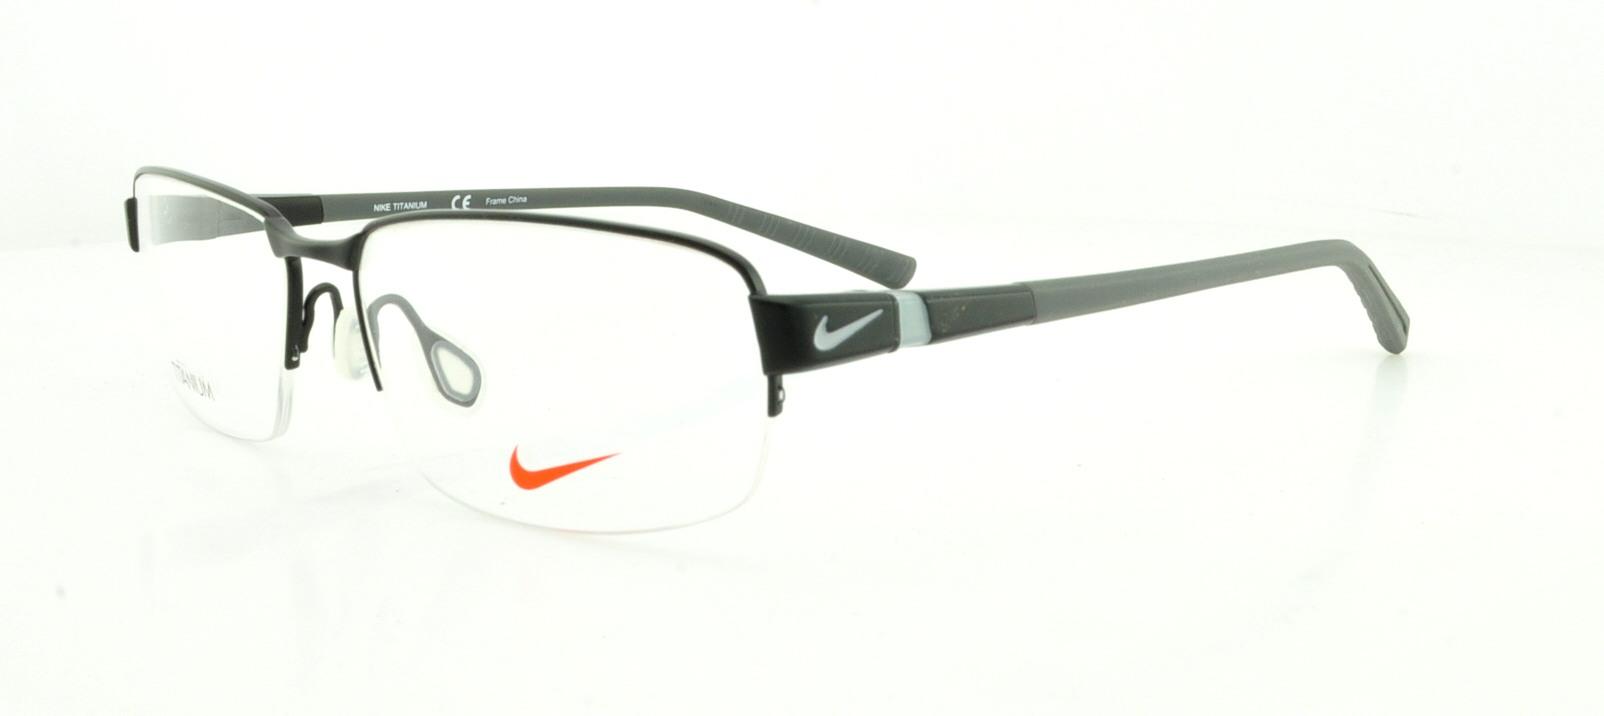 045dfb55392 Designer Frames Outlet. Nike 6051